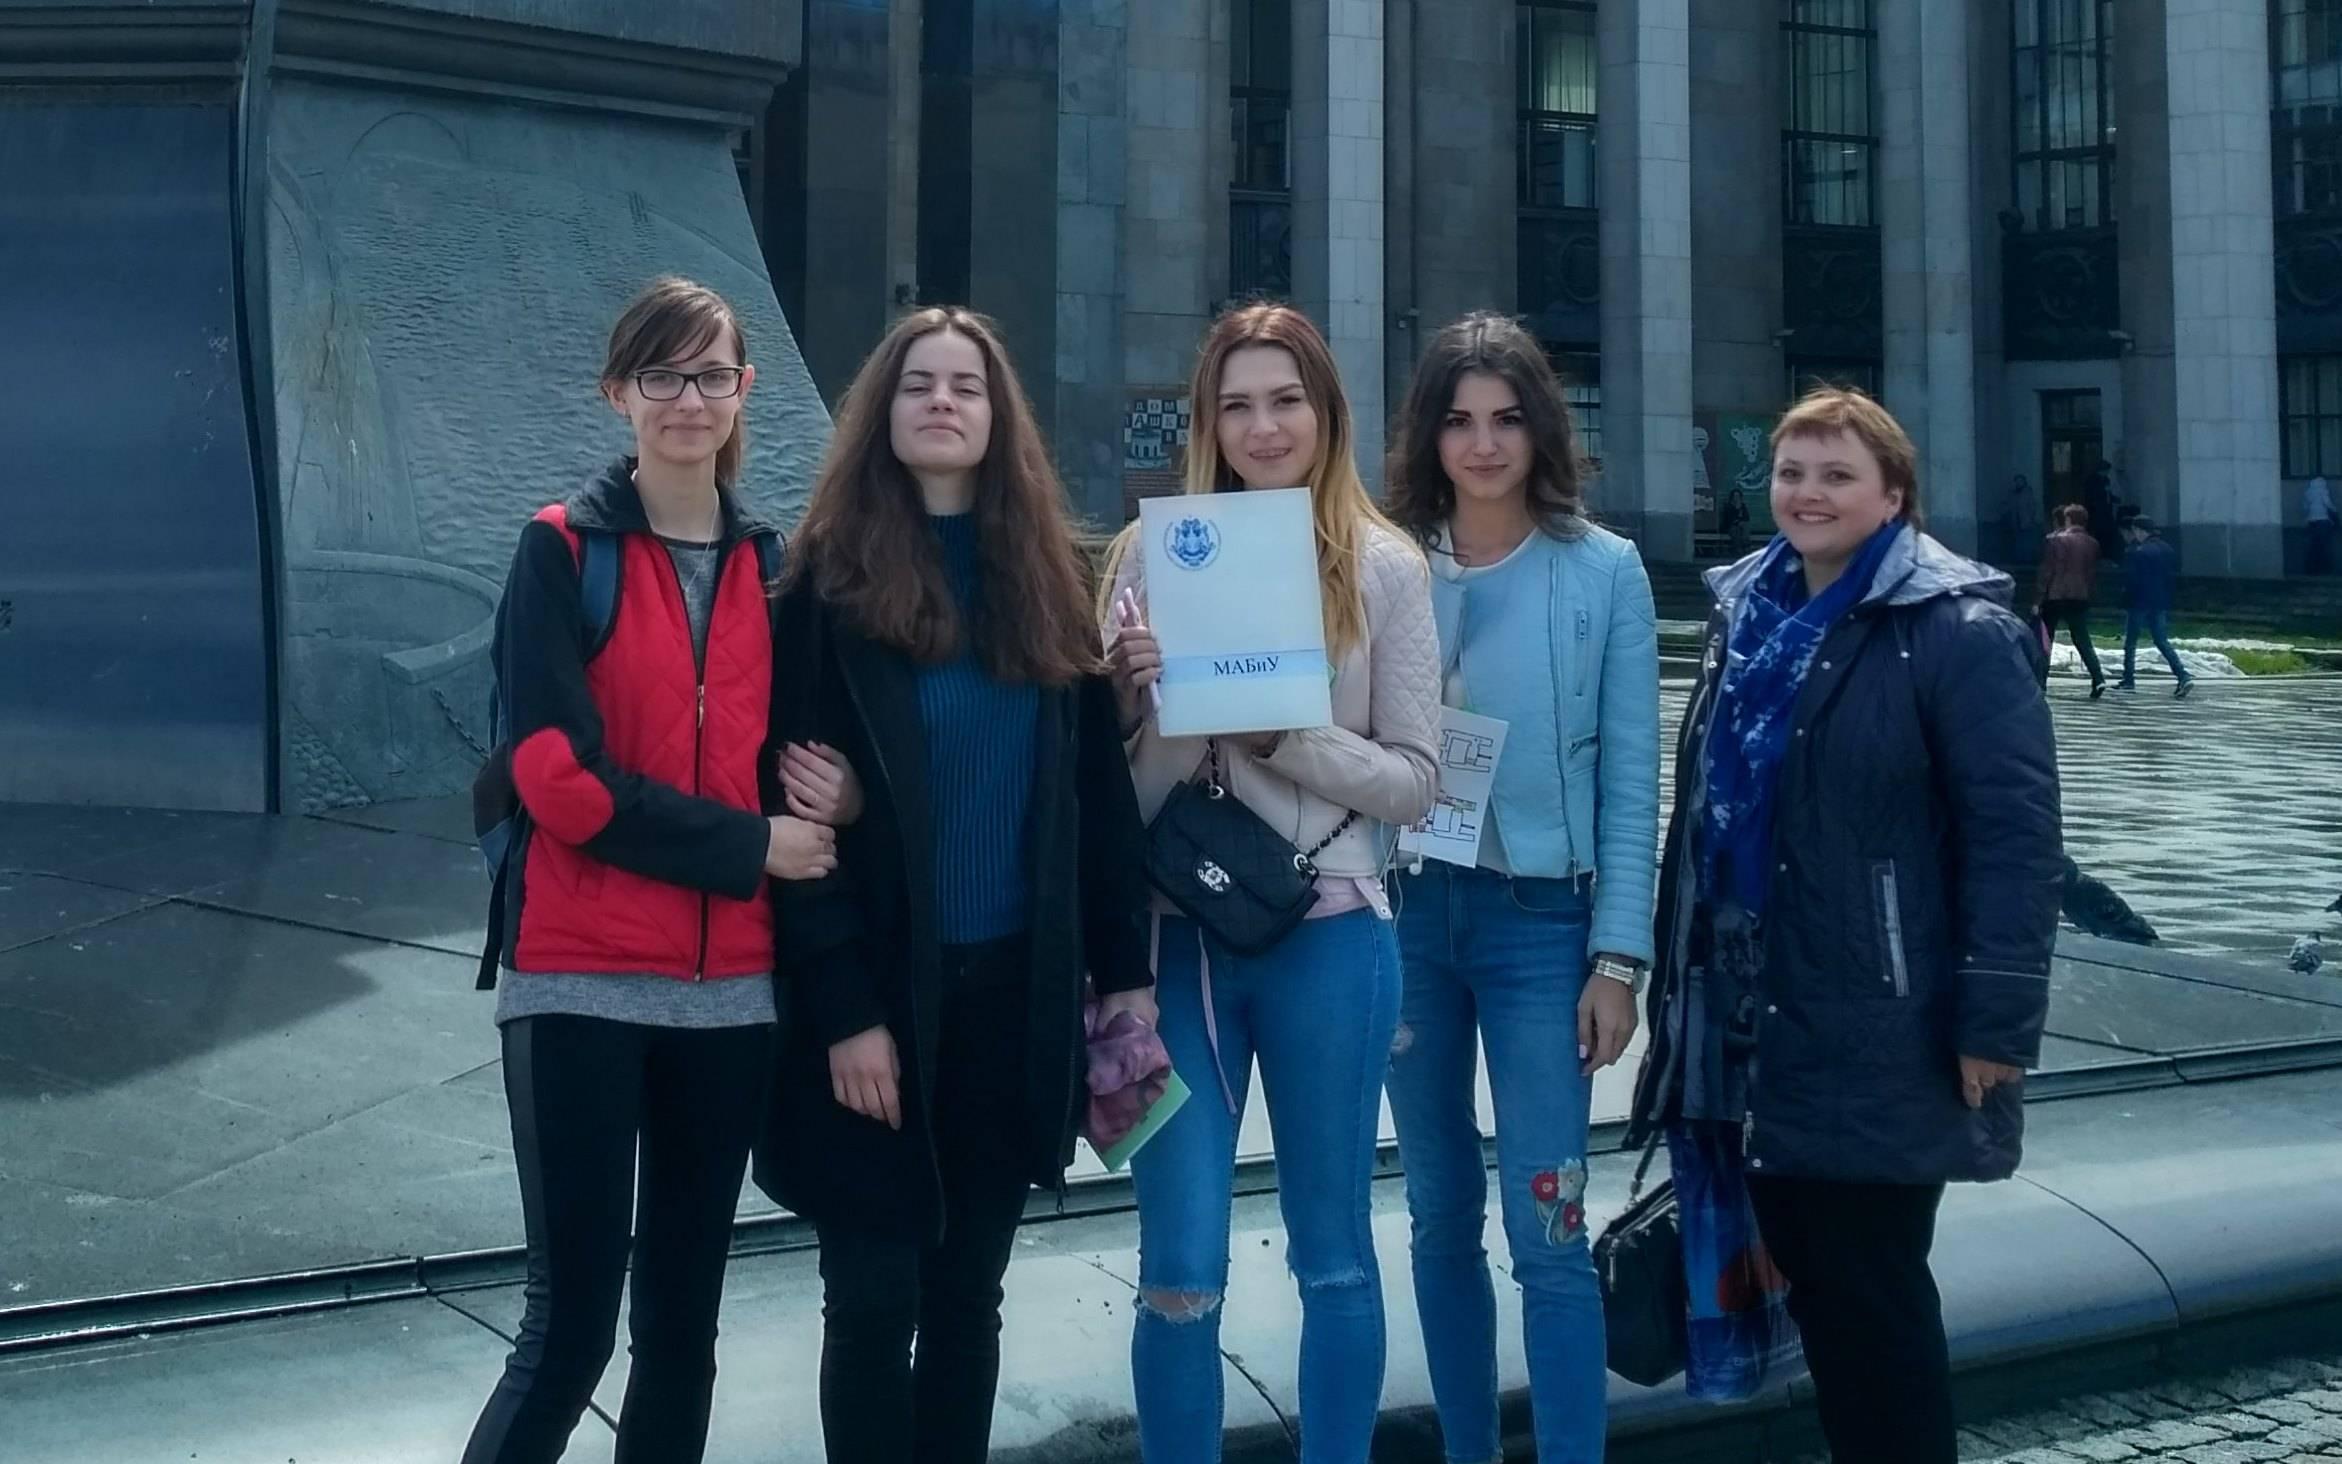 Экскурсия в Российскую государственную библиотеку студентов Института экономики и управления